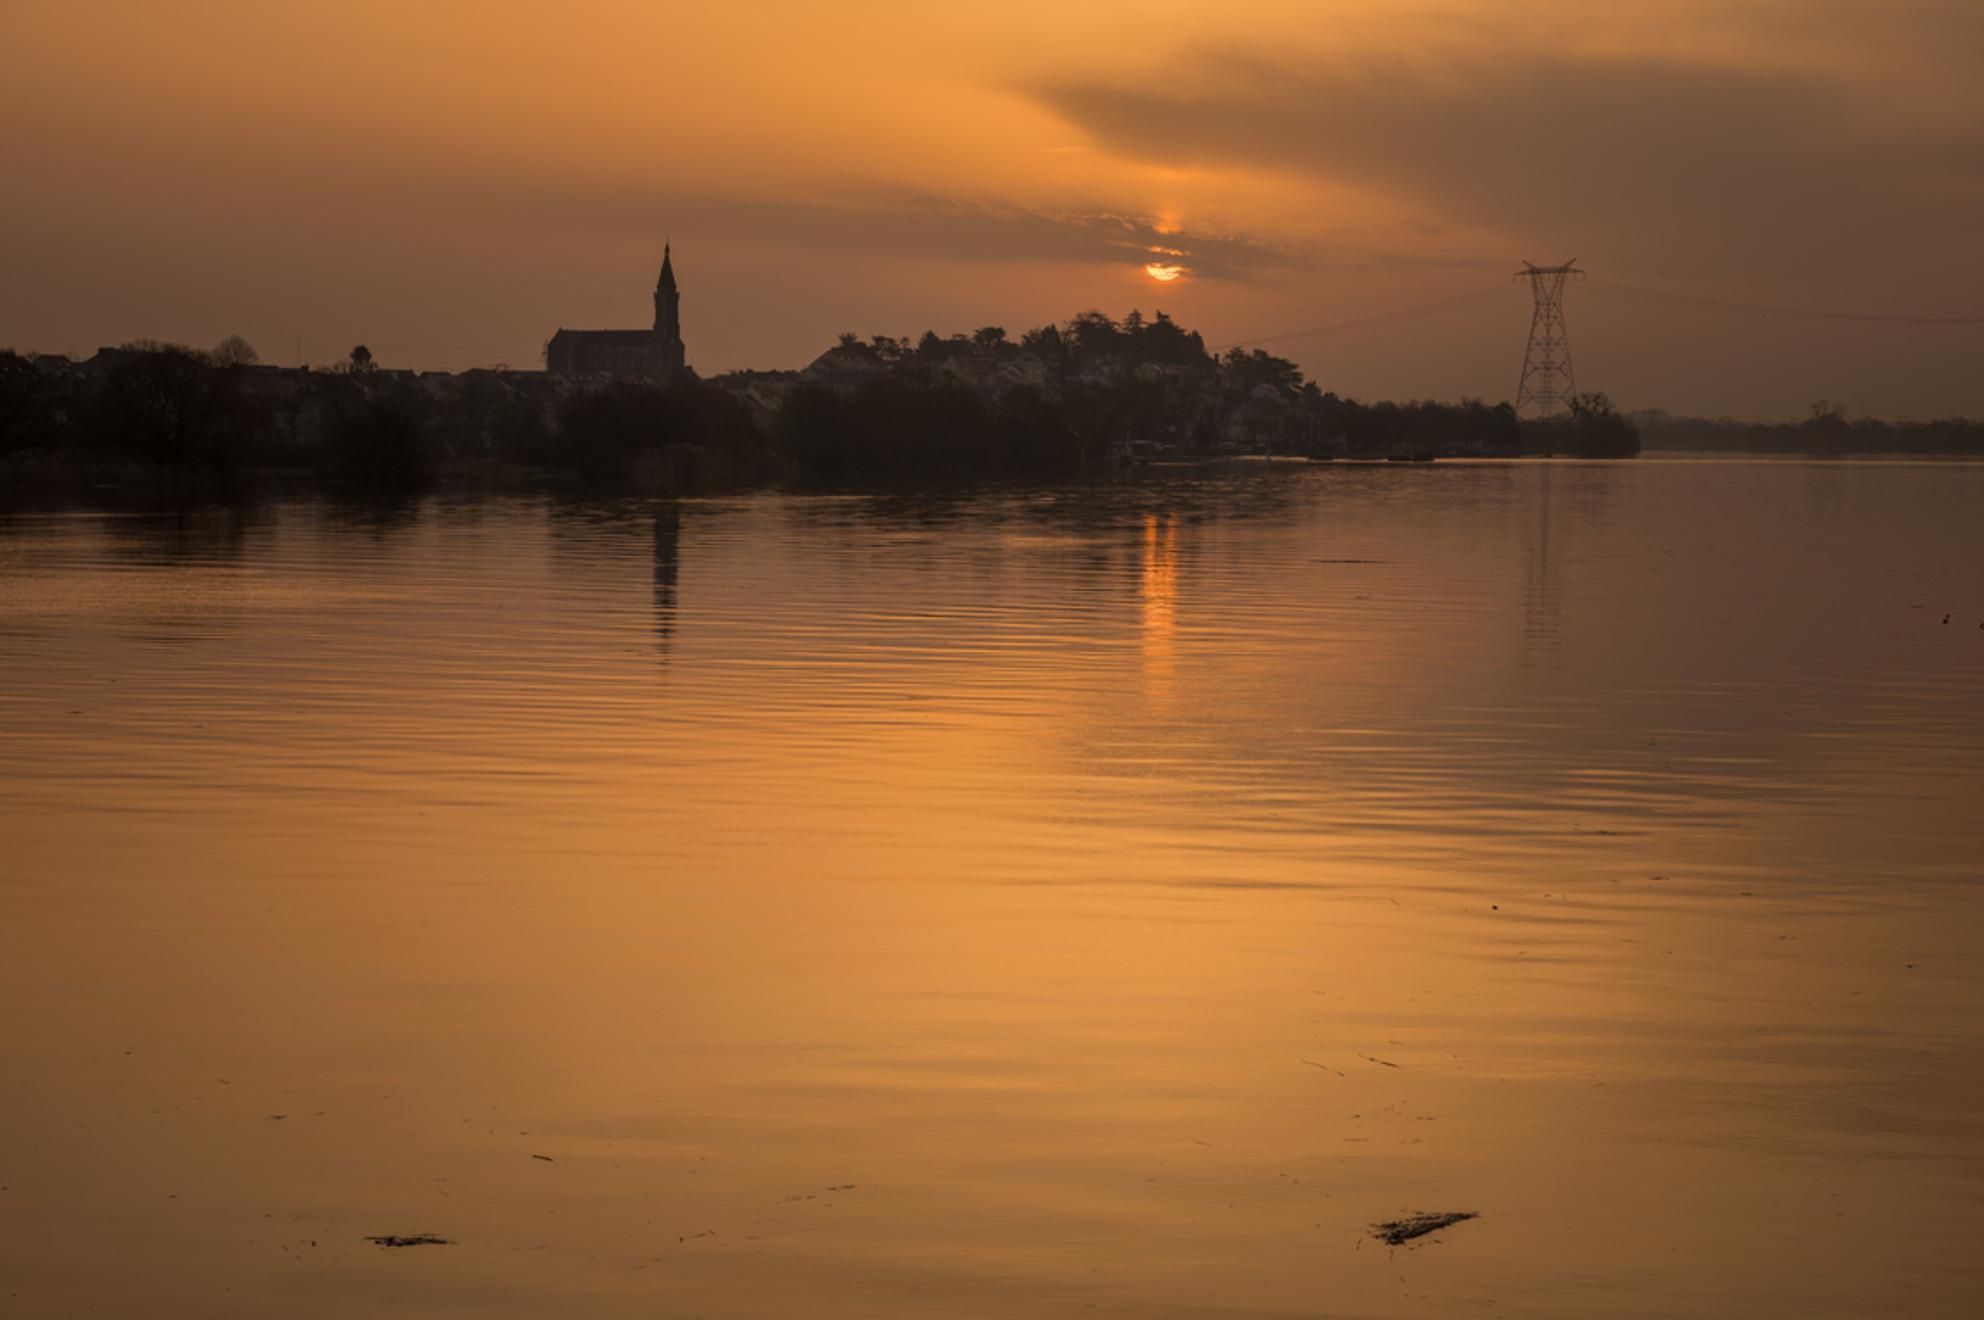 Indre - - - foto door JG-Meijer op 04-03-2021 - deze foto bevat: lucht, wolken, zon, water, natuur, licht, boot, spiegeling, landschap, bos, tegenlicht, zonsopkomst, bomen, kerk, haven, rivier, kust - Deze foto mag gebruikt worden in een Zoom.nl publicatie